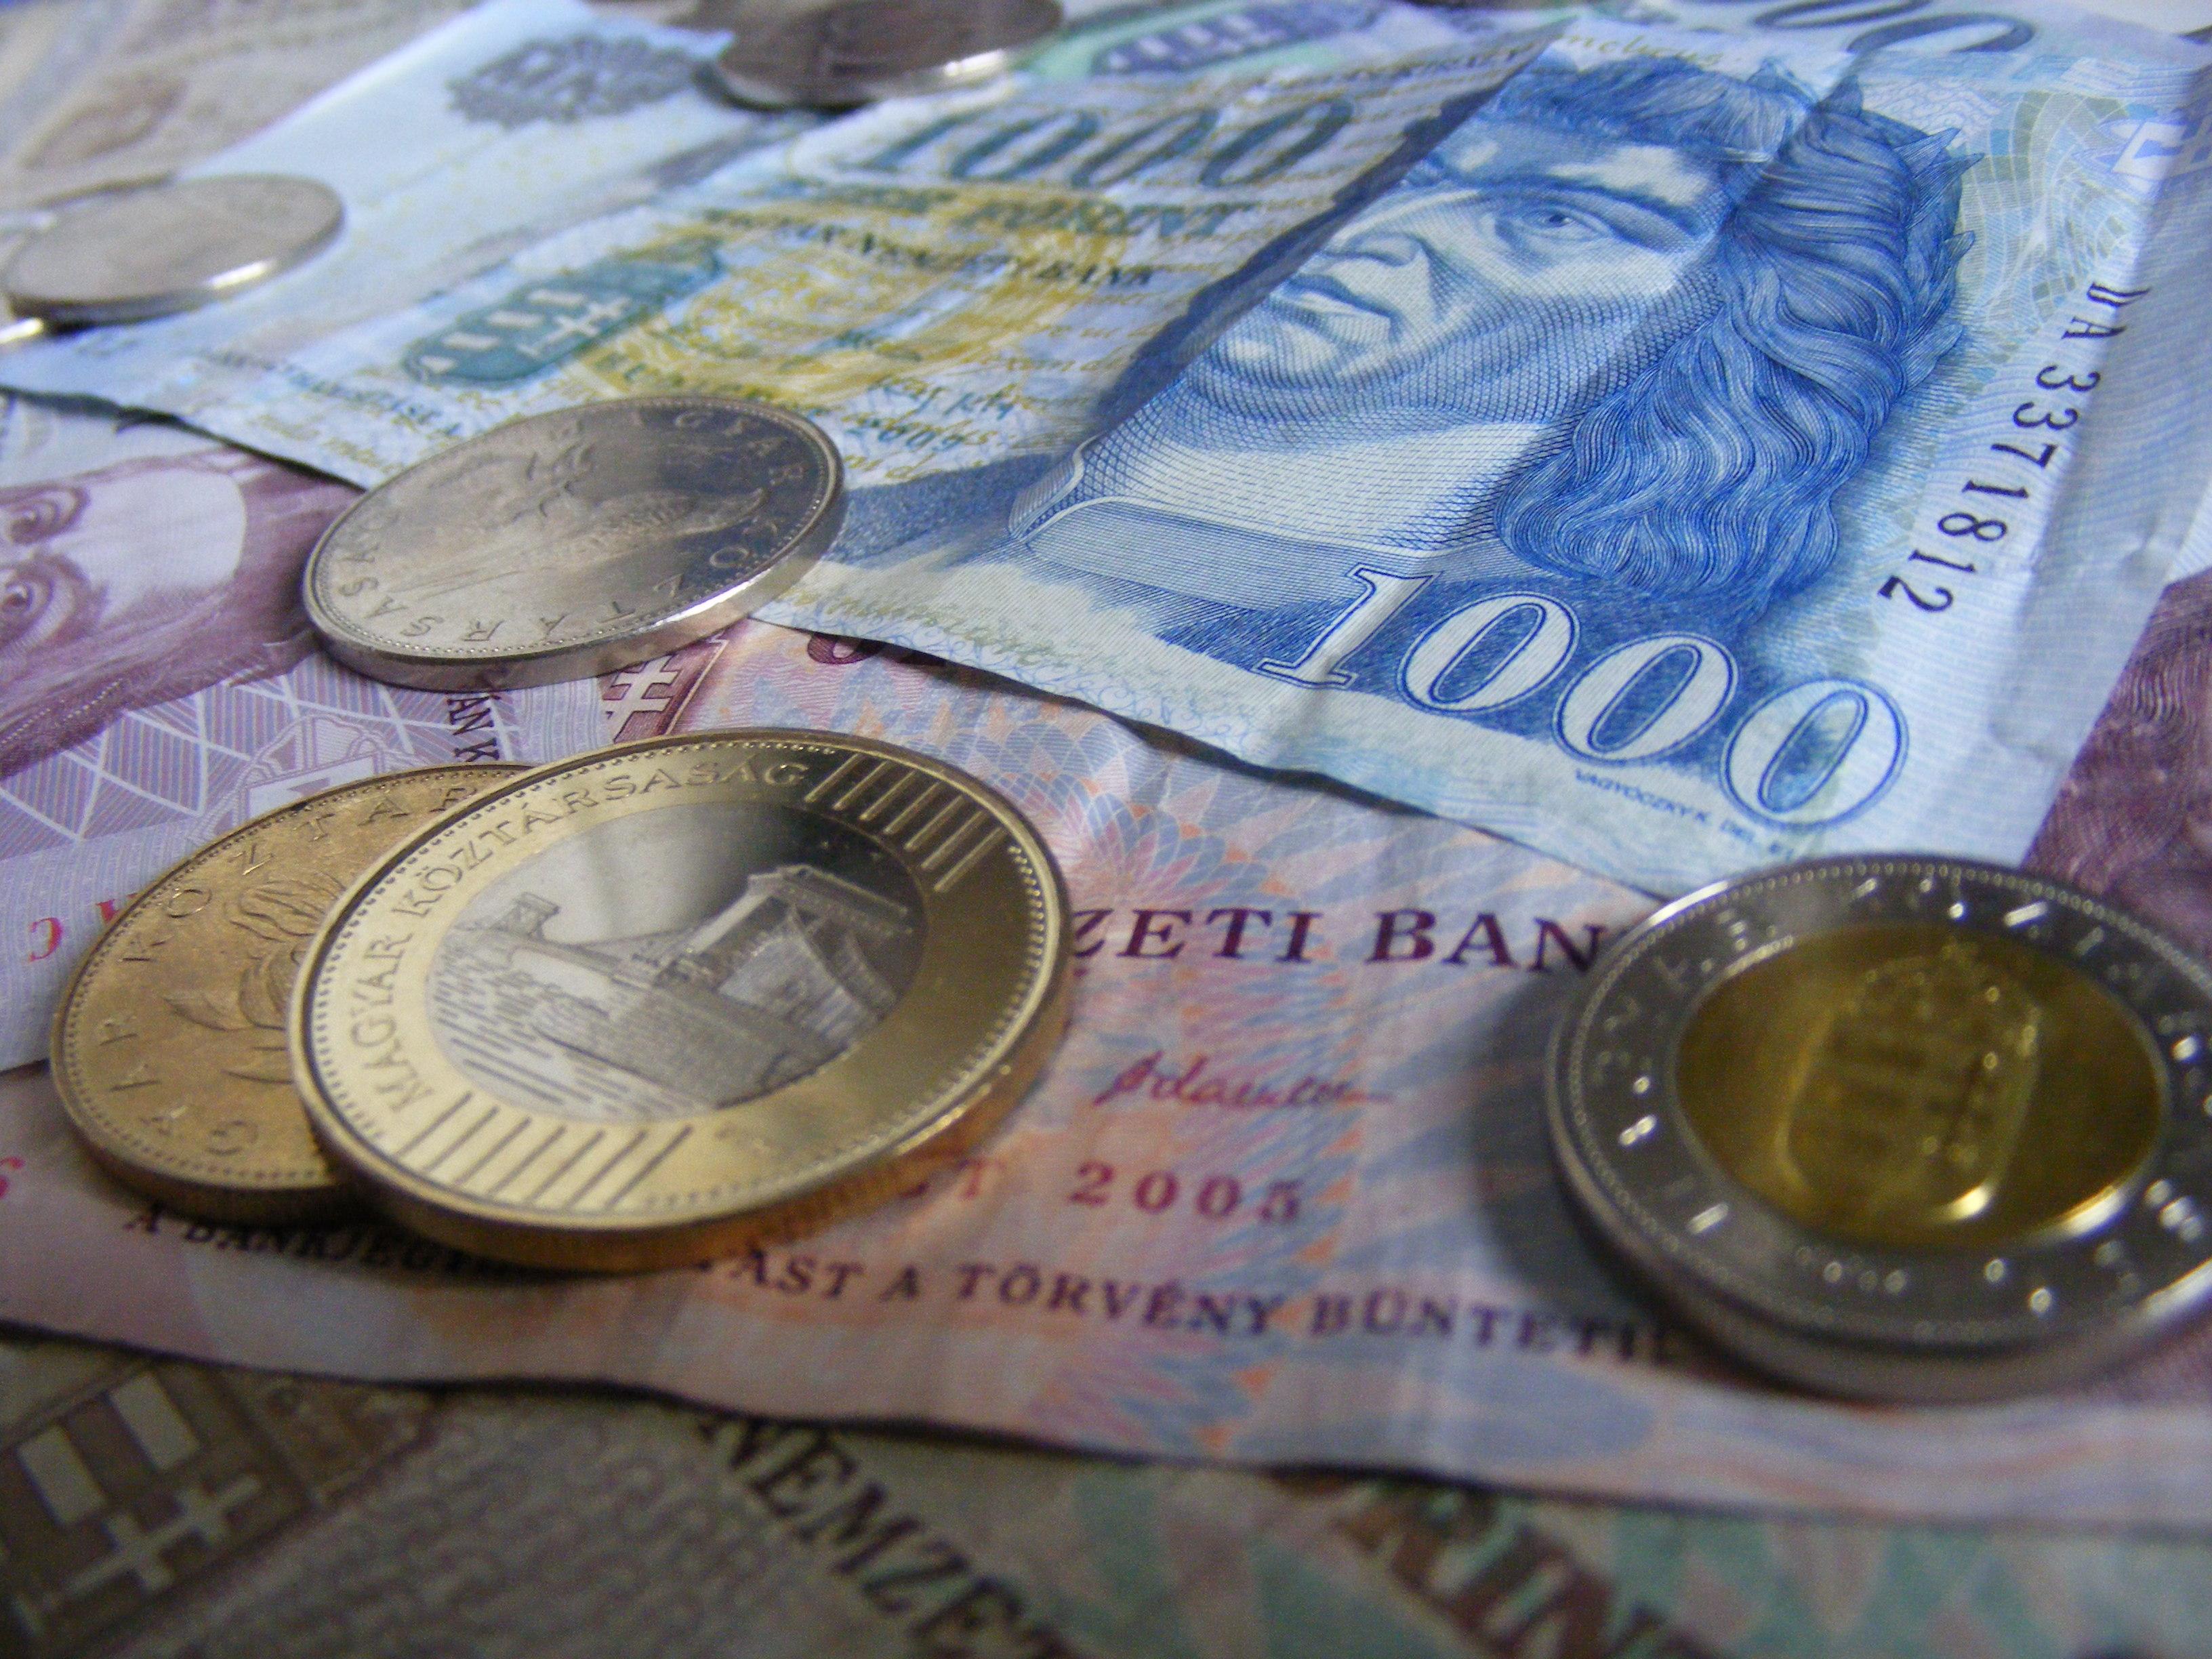 На міжбанку курс долара в продажу зріс на 3 копійки - до 28,29 гривні за долар, курс у купівлі піднявся також на 3 копійки - до 28,27 гривні за долар.